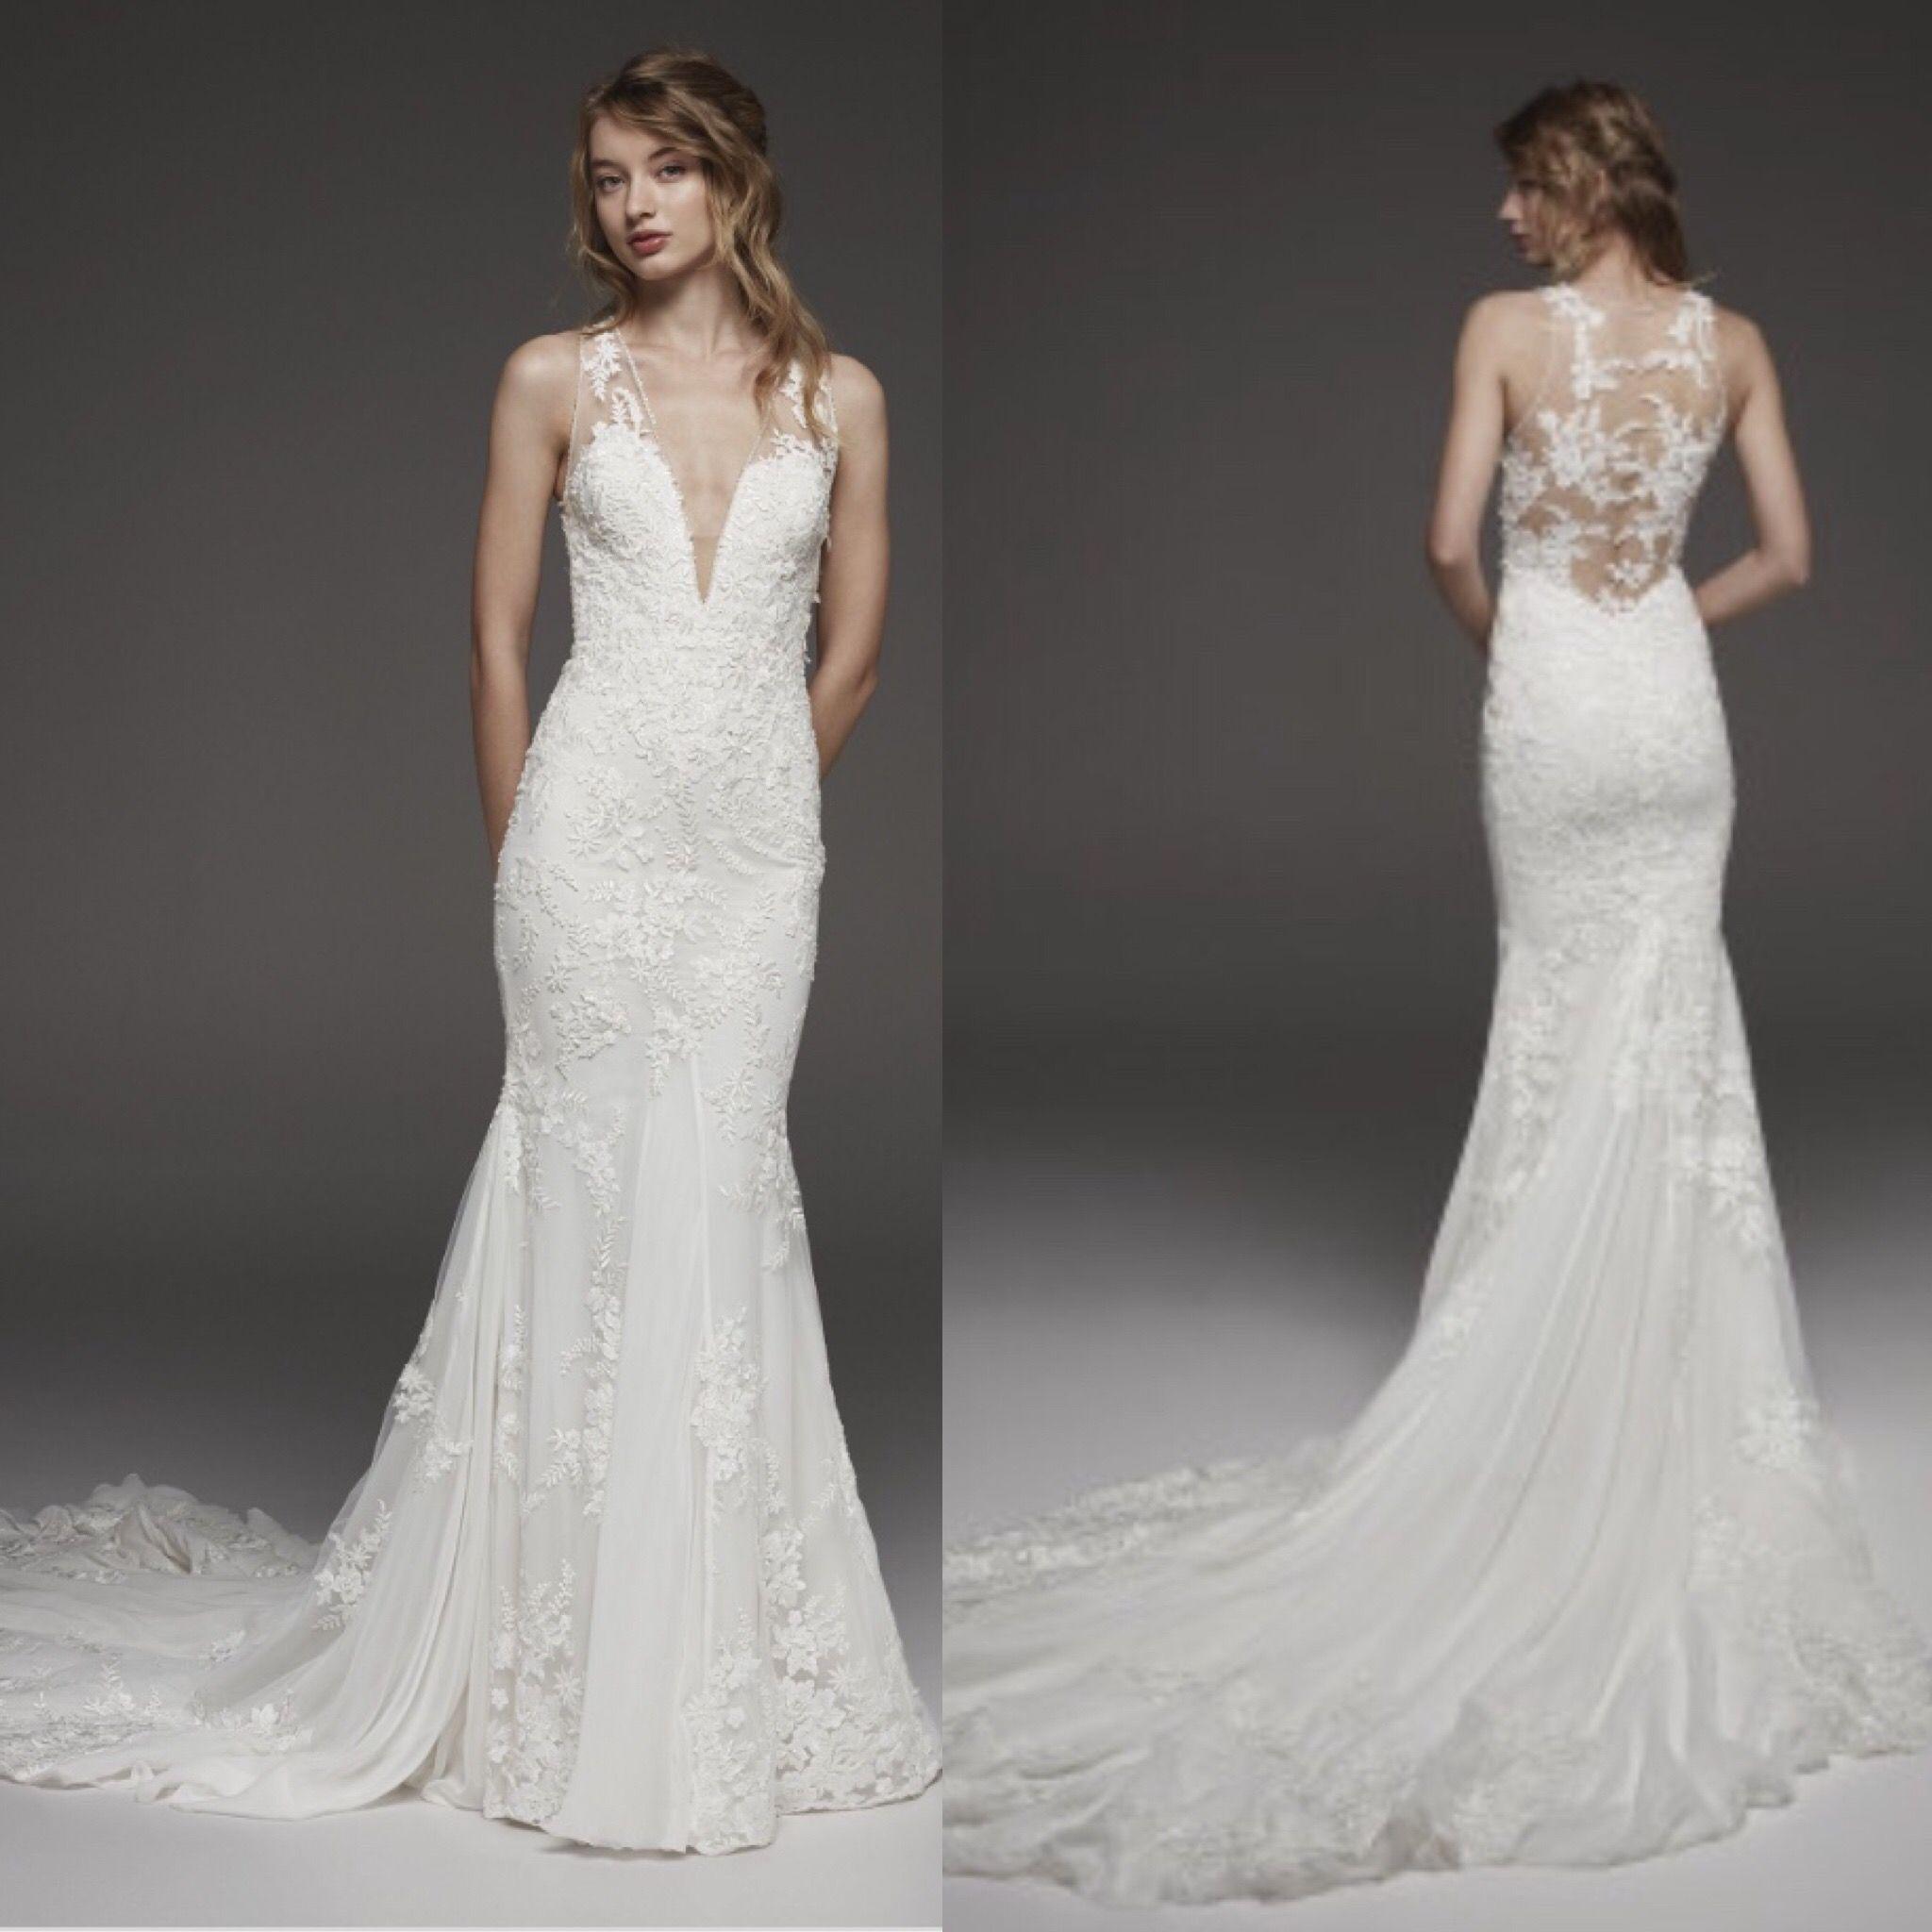 Sold Pronovias Consignment Wedding Dresses Bridal Dresses Wedding Dresses